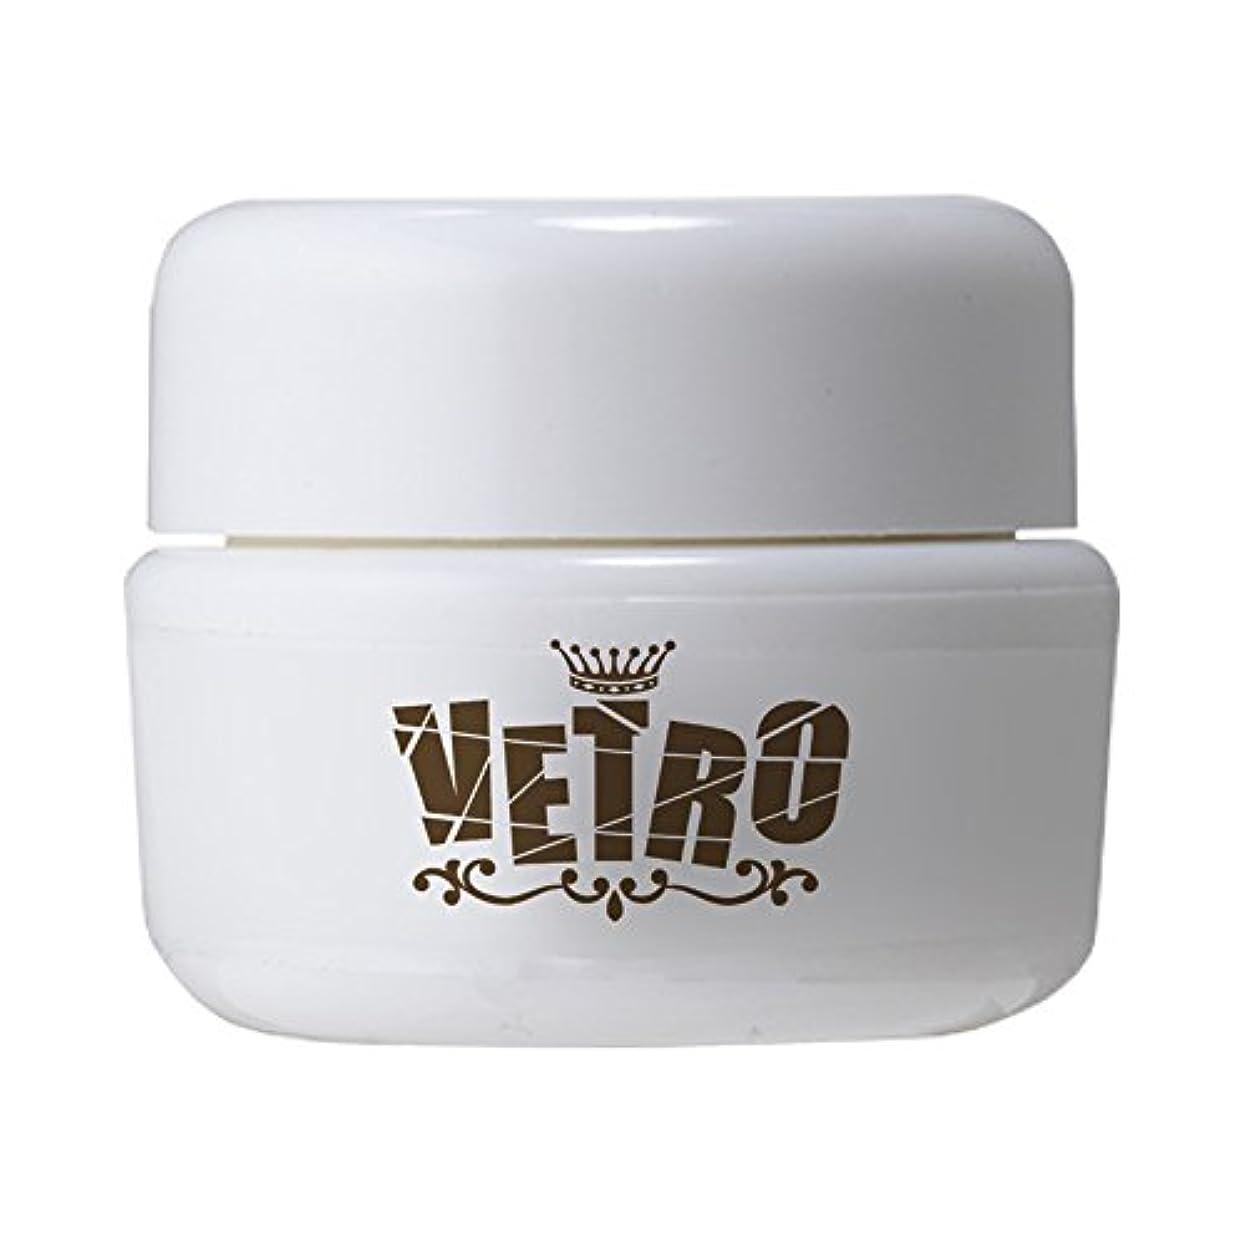 賞賛工業化する速度VETRO No.19 カラージェル マット VL085 チャップリンスティック 4ml